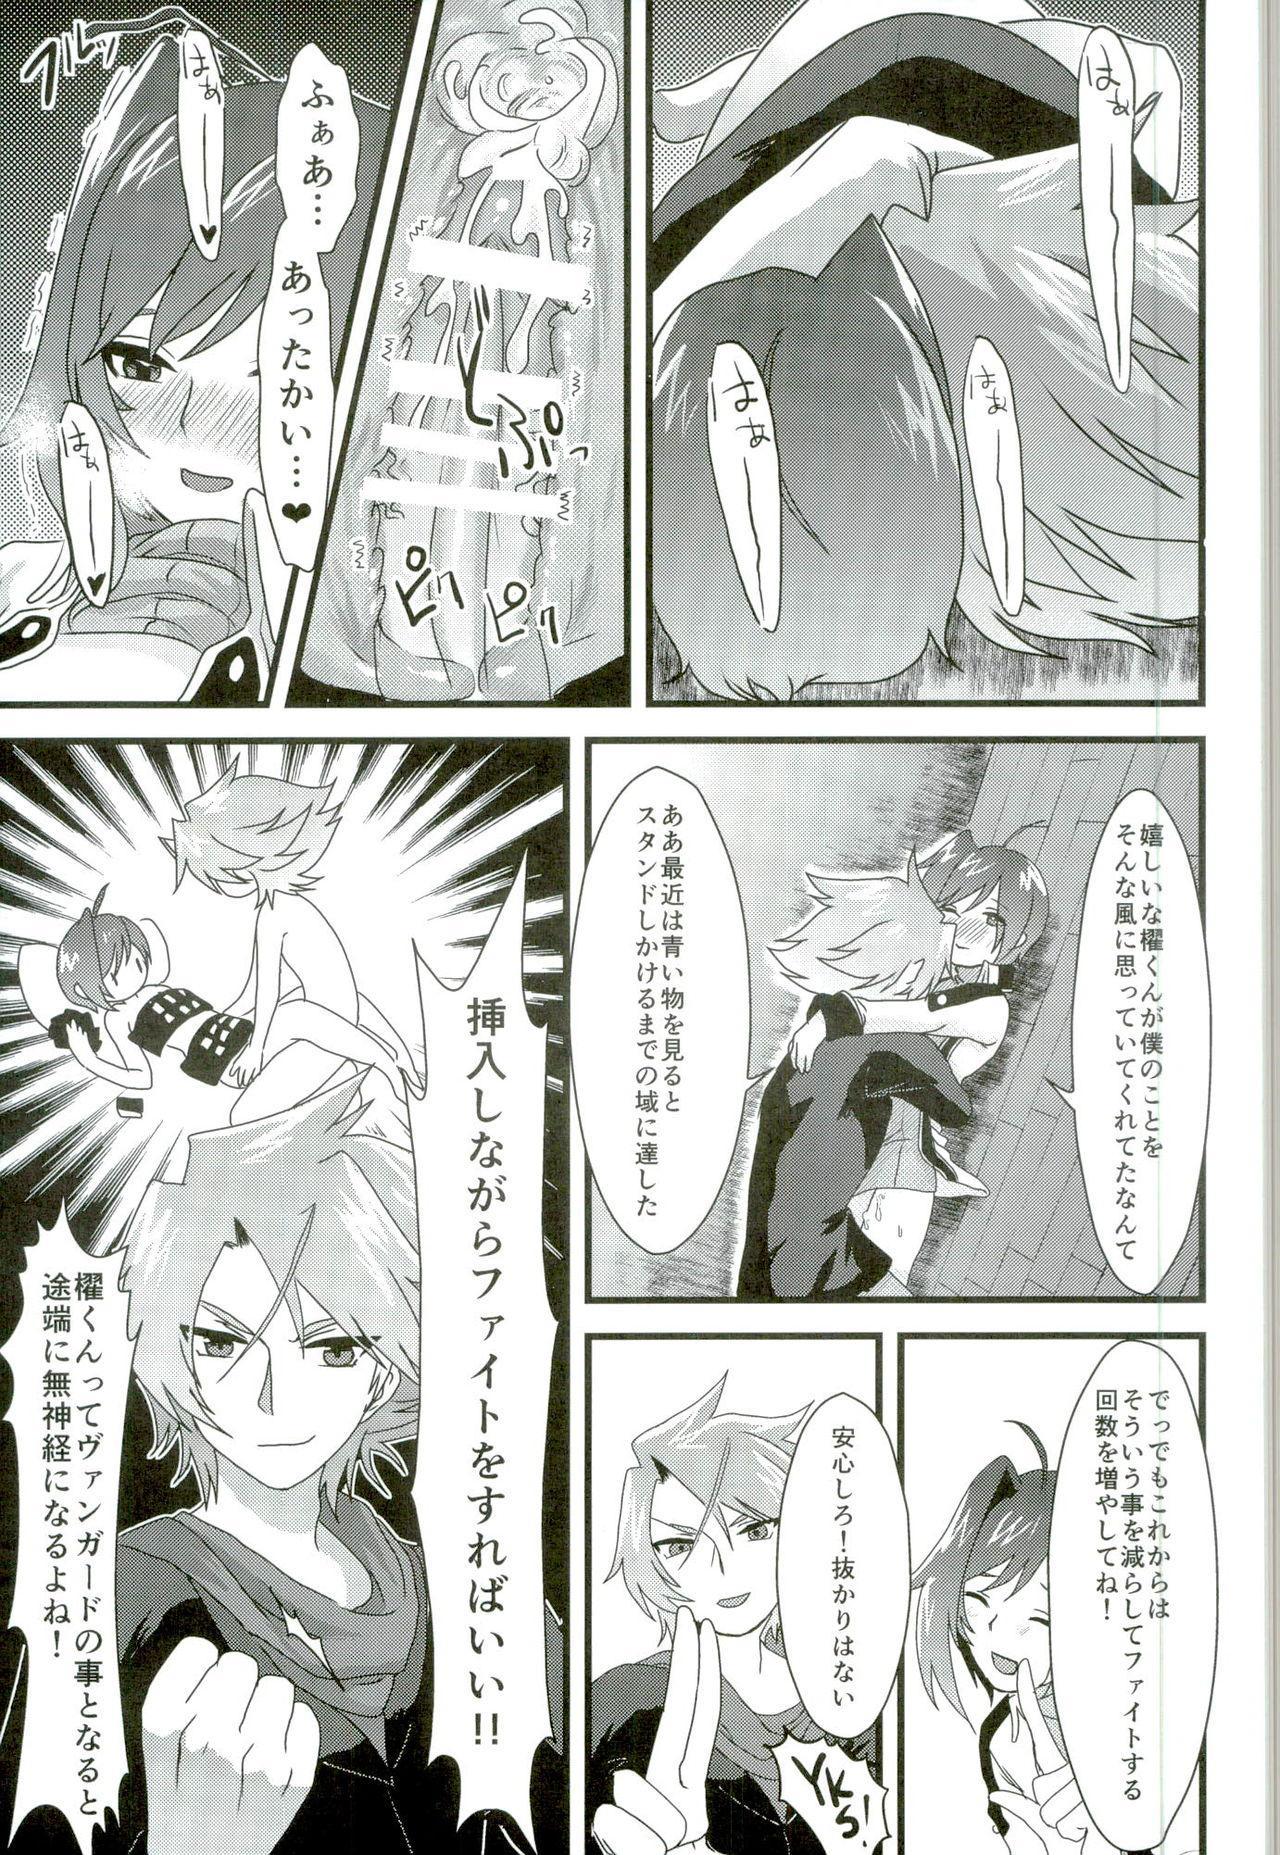 Kai-kun no Bunshin wa Fight de Shika Stand Shinai 44